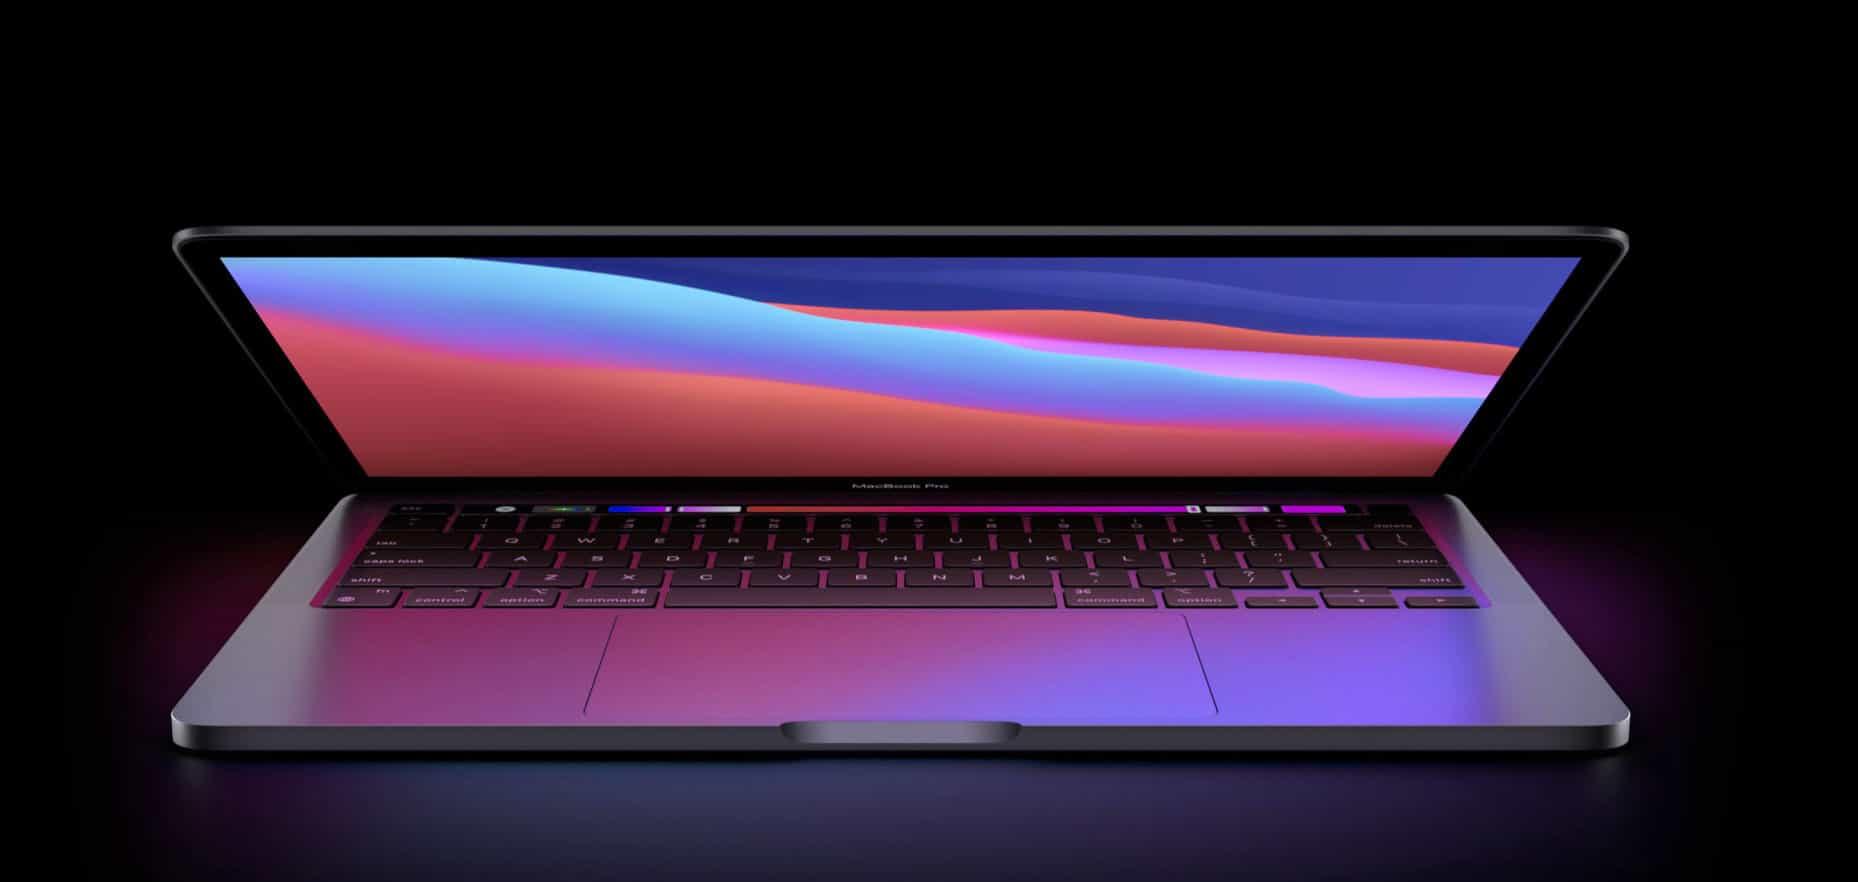 サラリーマンに捧ぐ!「13インチ MacBook Pro(M1チップ)」。24回分割支払い時の月々の支払い料金!